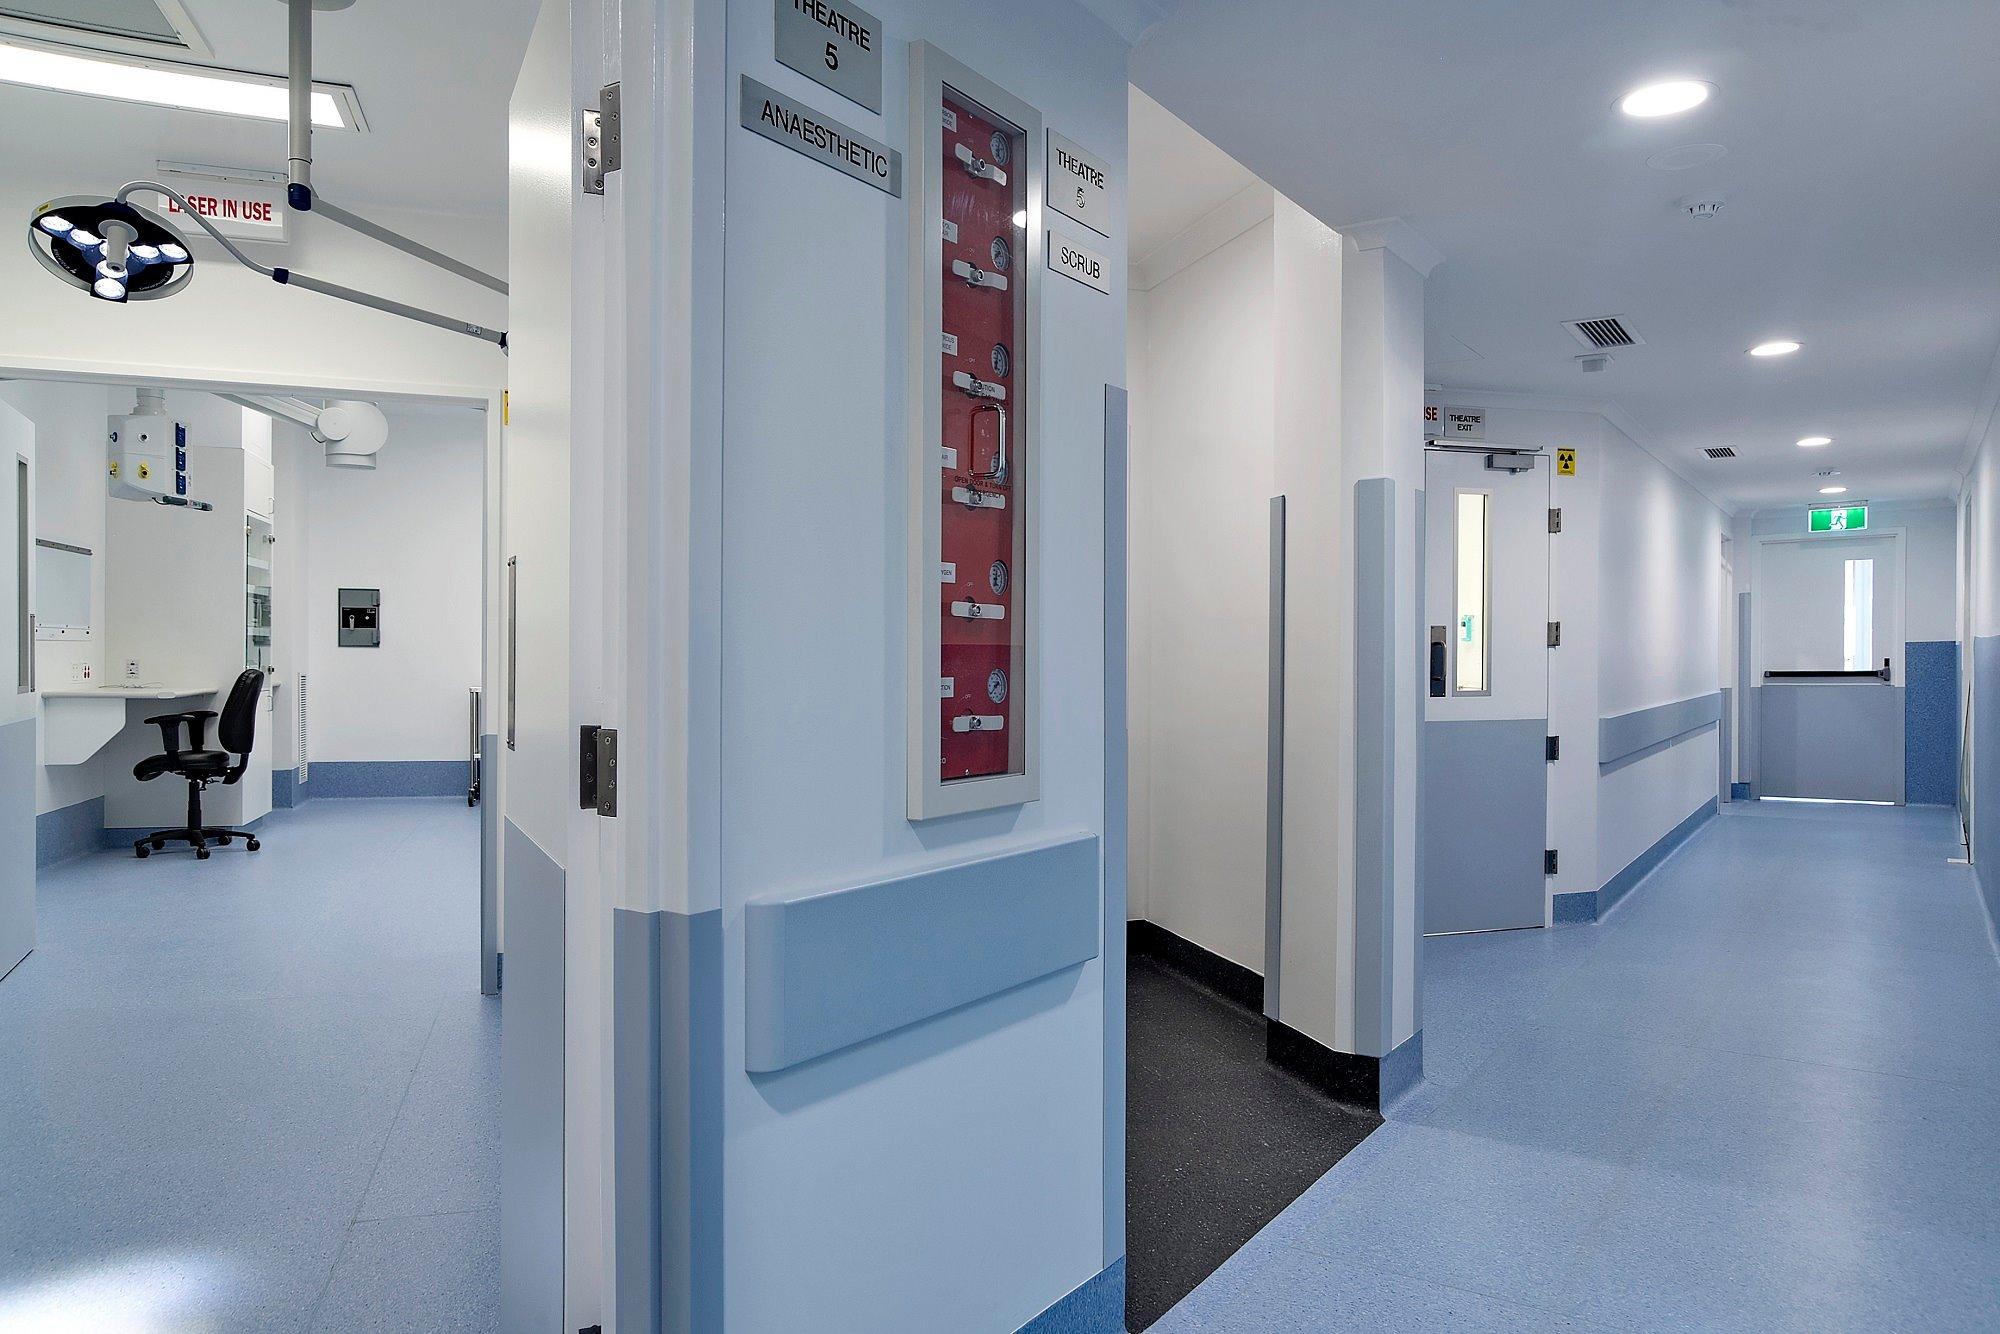 Warners Bay Public Hospital